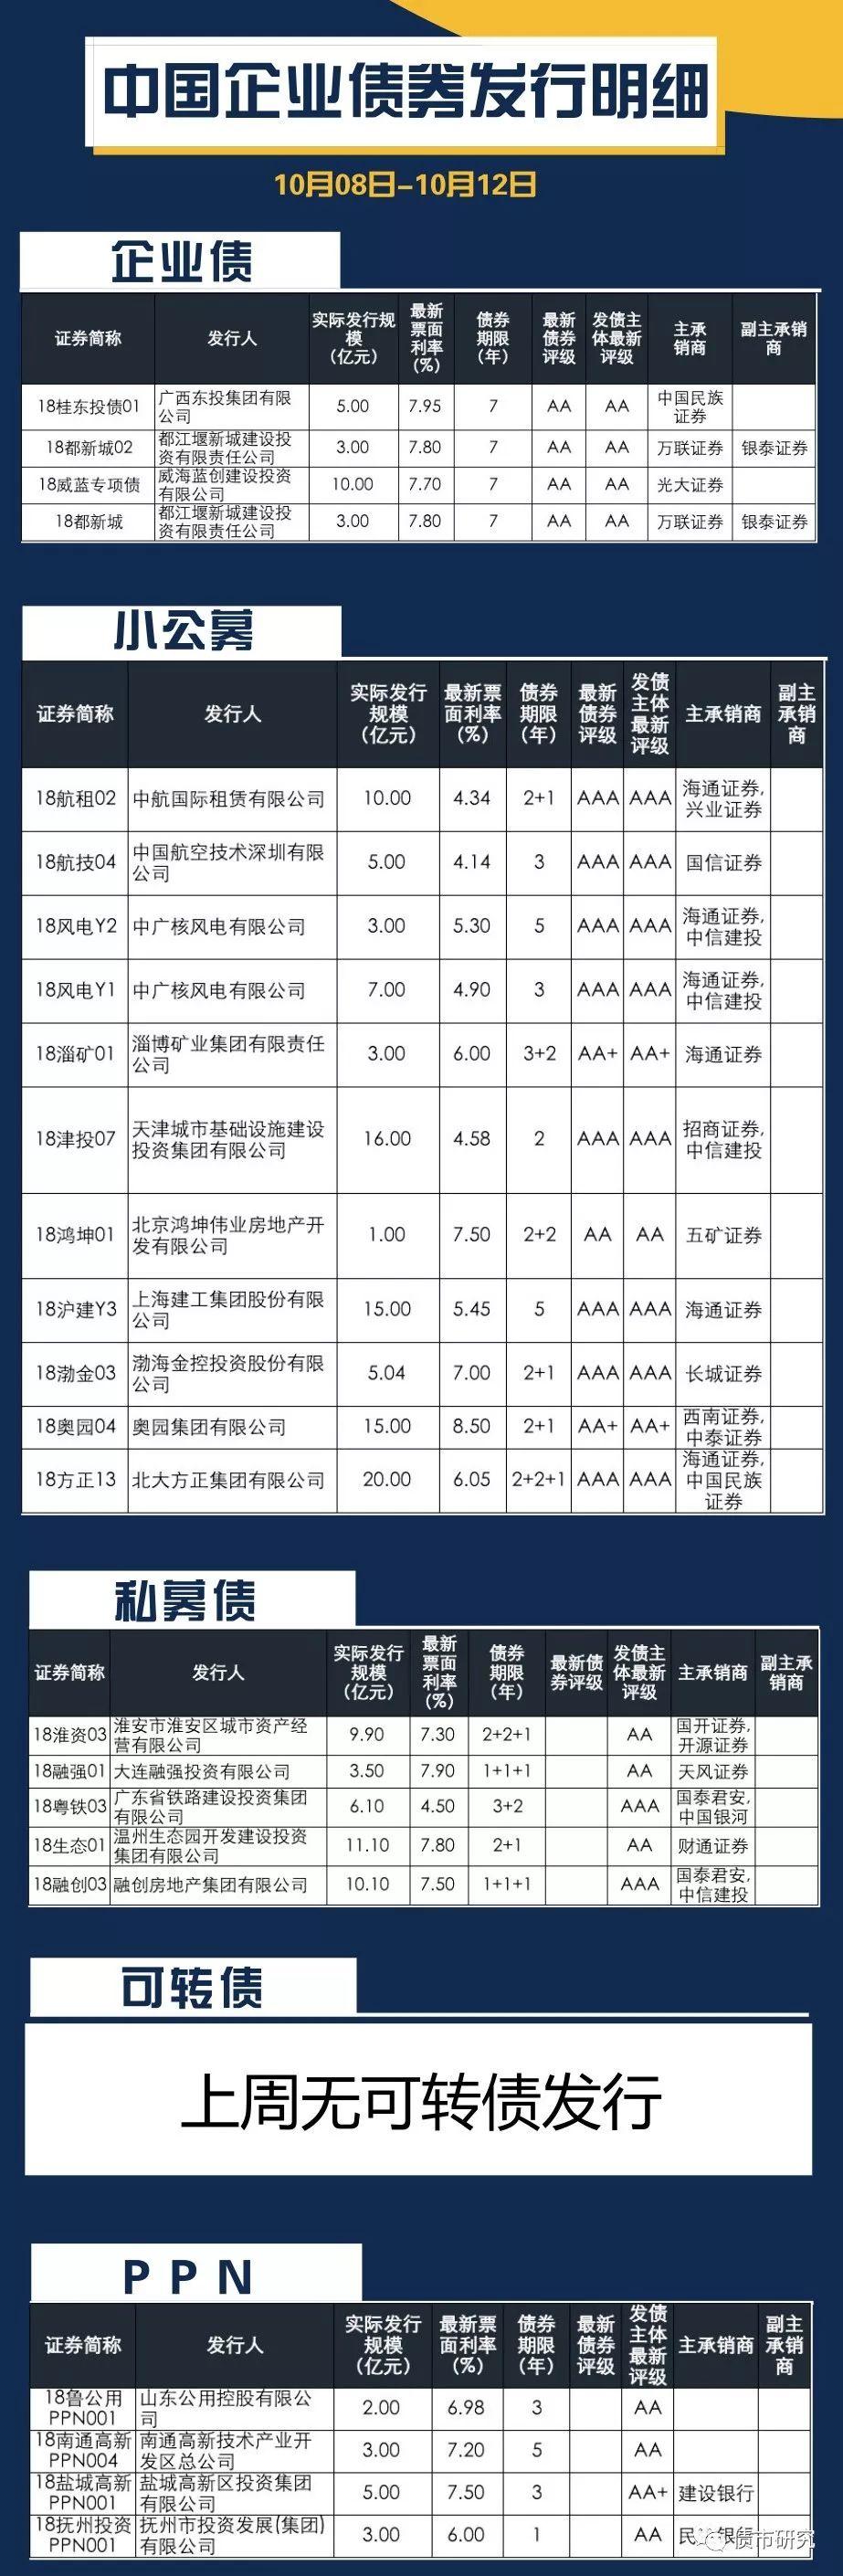 上周中国公司企业债、公司债、PPN、中票和短融发行明细